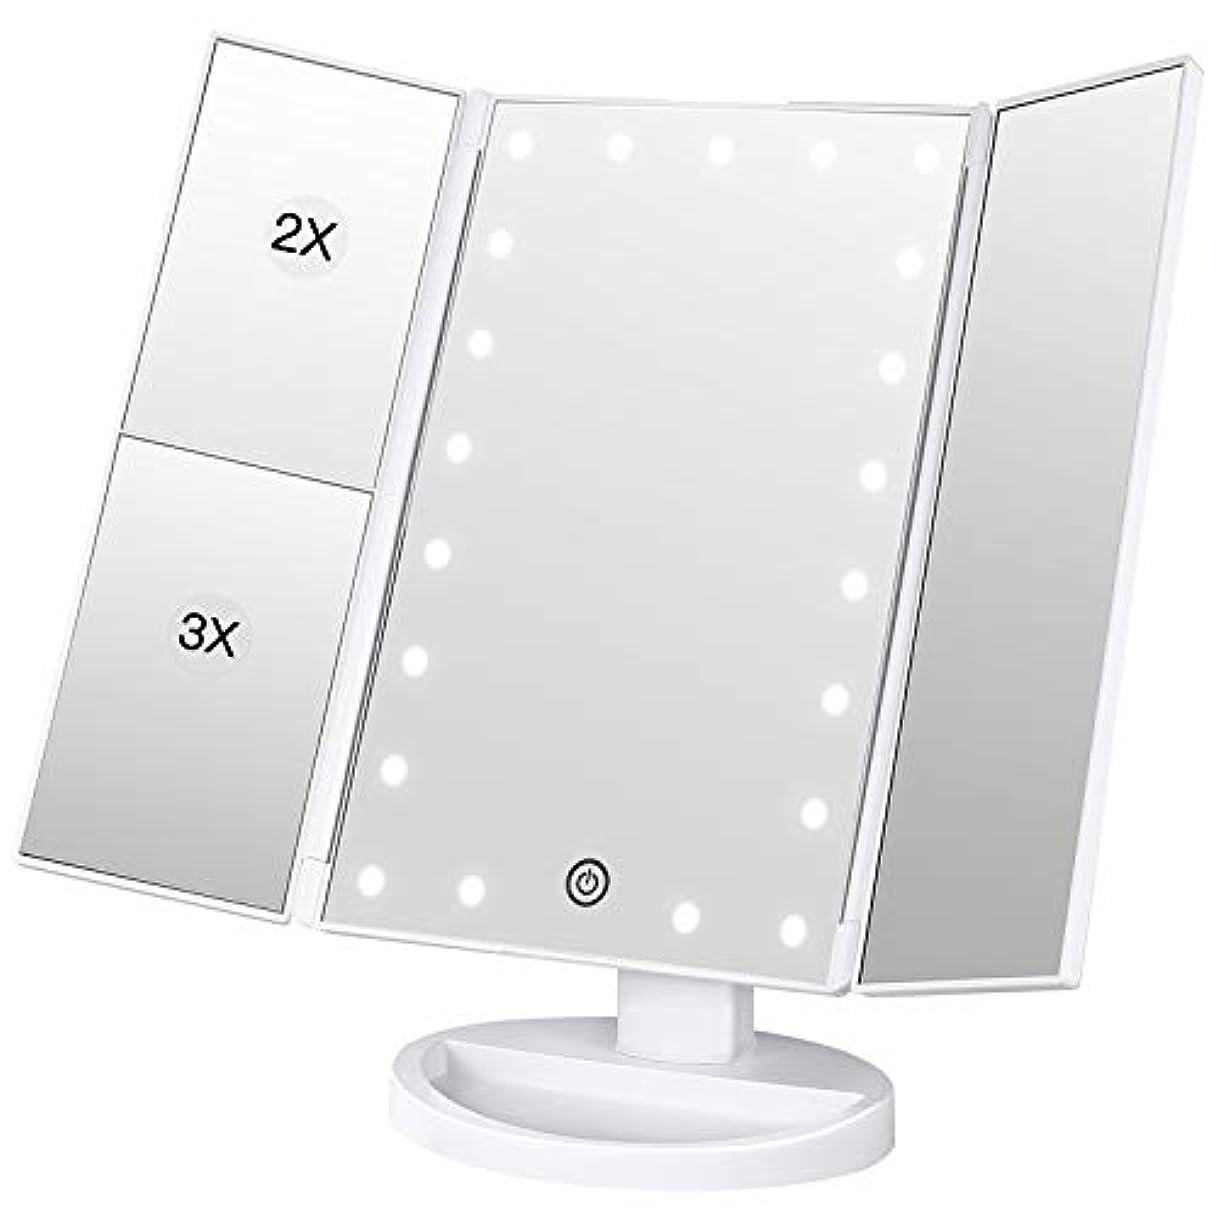 闘争部門努力BESTOPE 化粧鏡 化粧ミラー 鏡 三面鏡 女優ミラー 卓上 led付き 折りたたみ 拡大鏡 2&3倍 明るさ調節可能 180°回転 電池&USB 2WAY給電